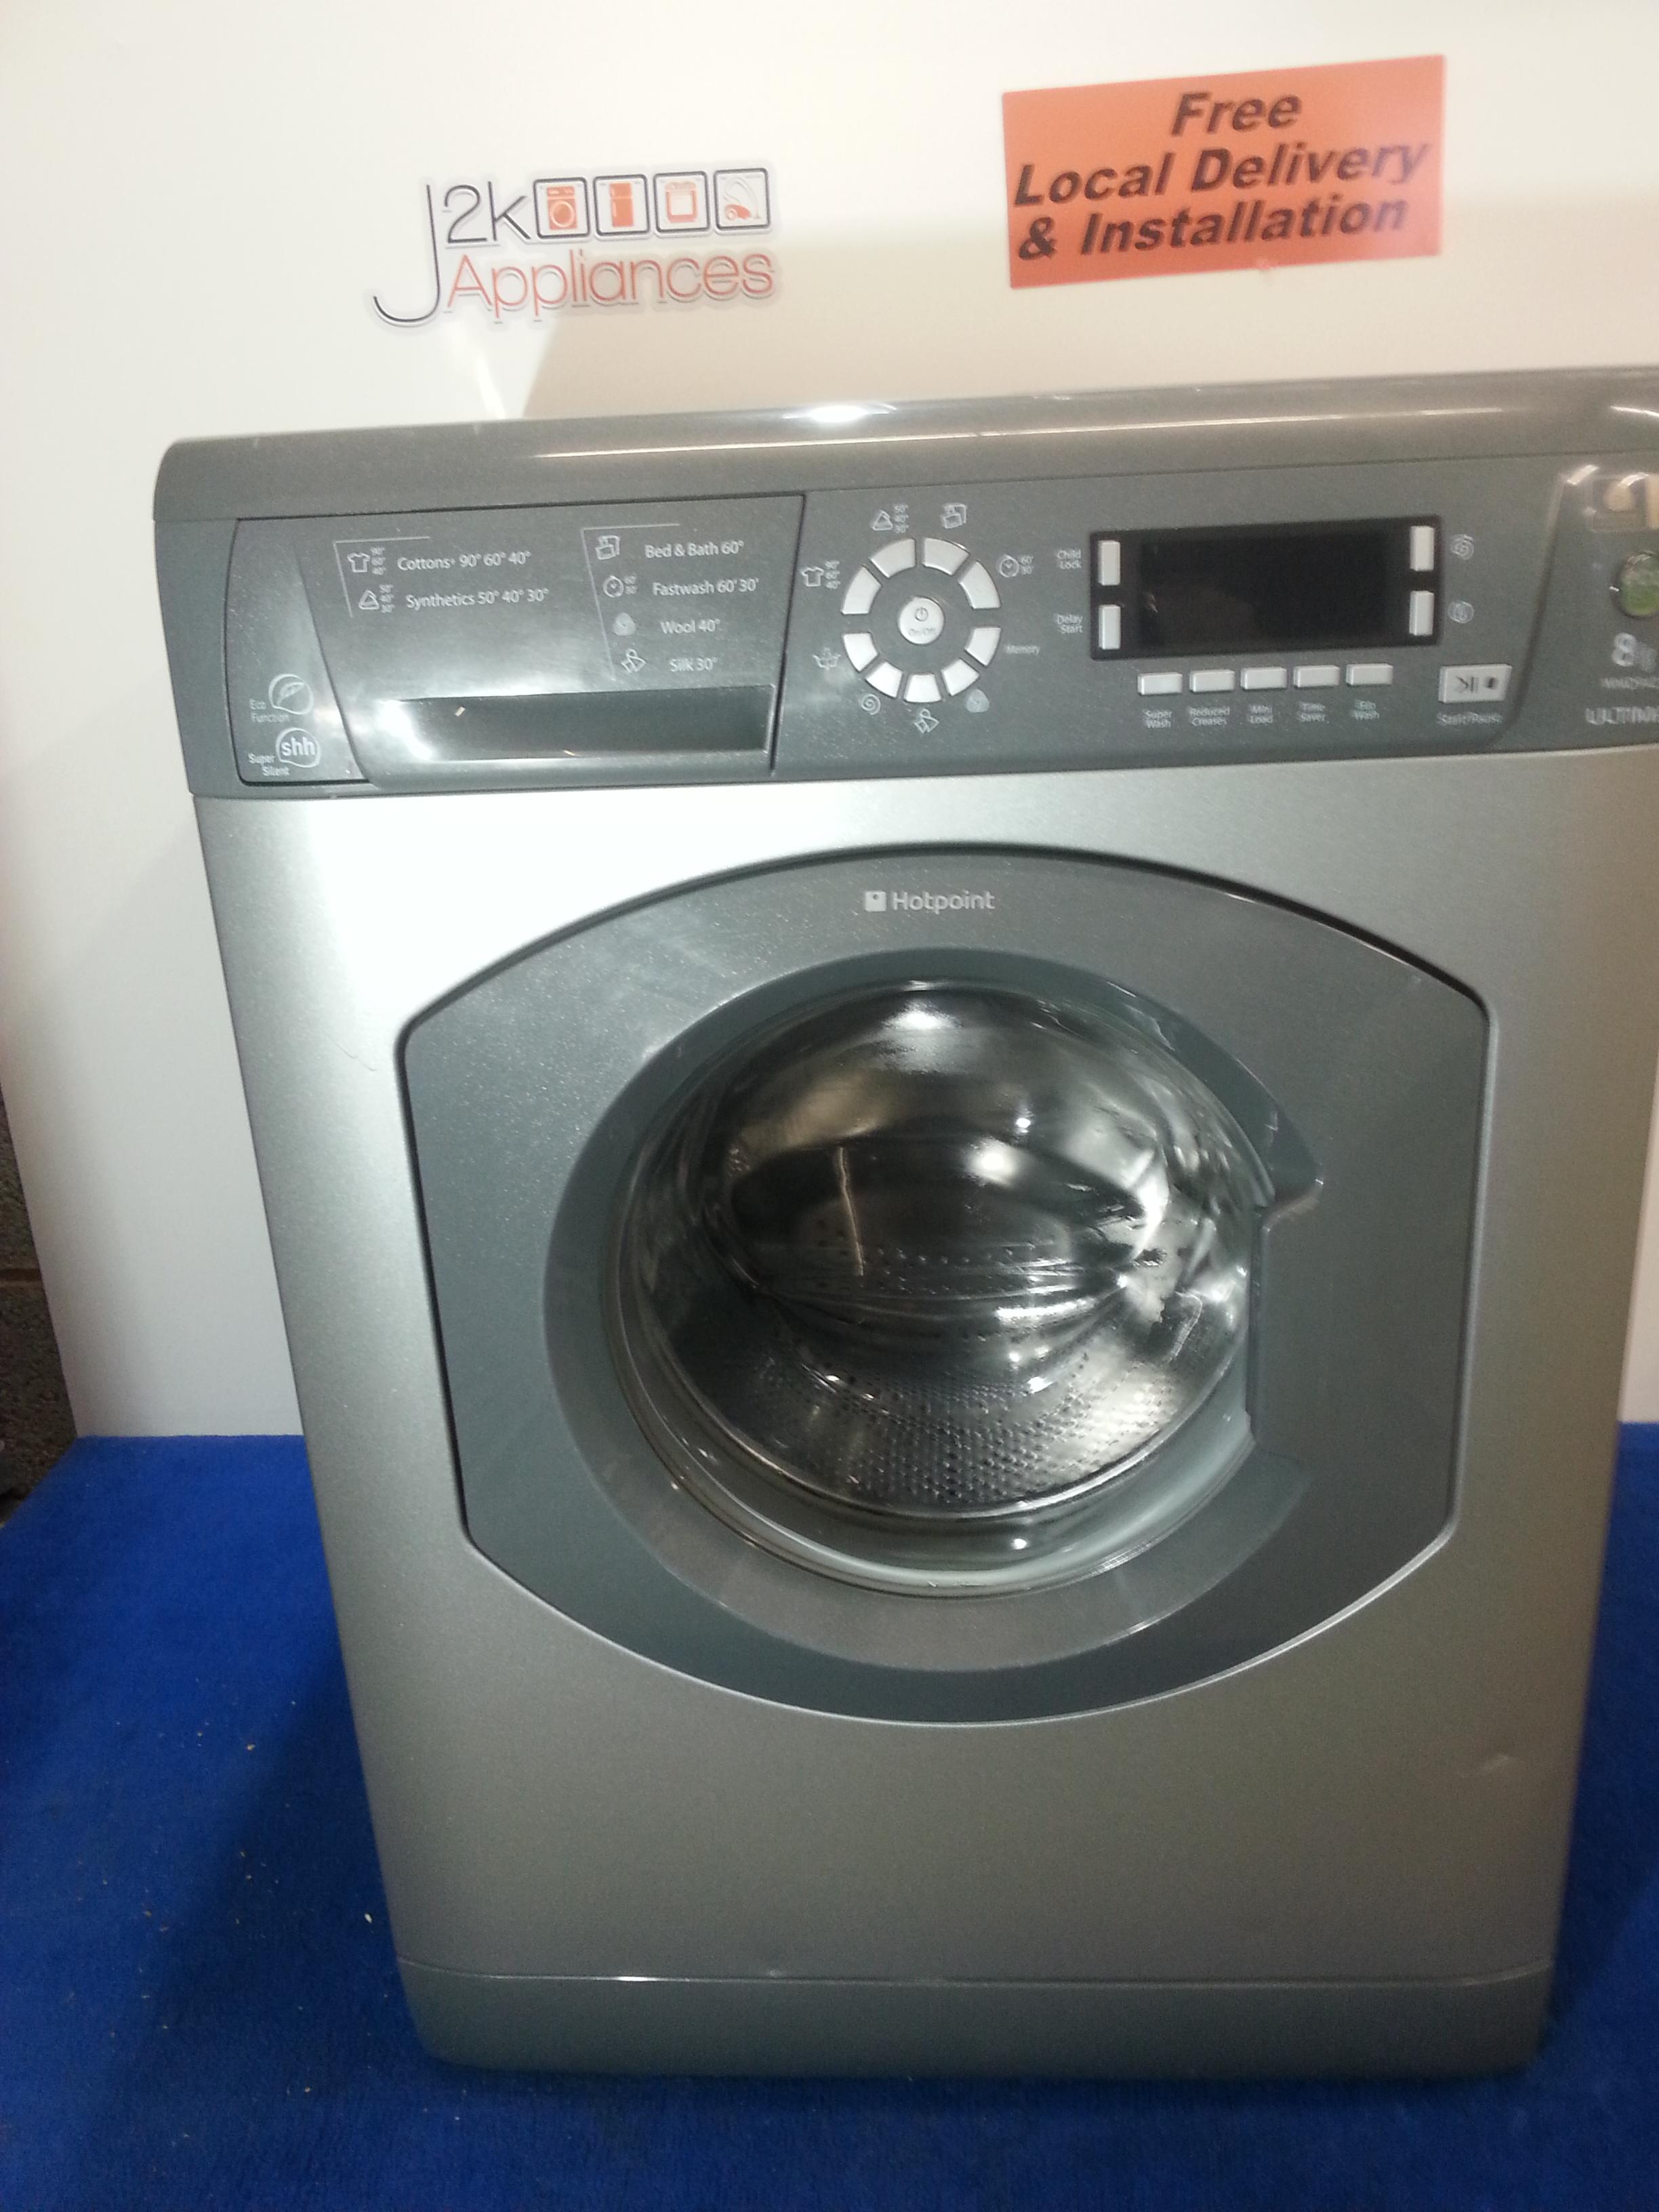 57b379c7ebbf WM137-Silver Hotpoint Ultima 8kg 1400 Spin Washing Machine Model:WMD942